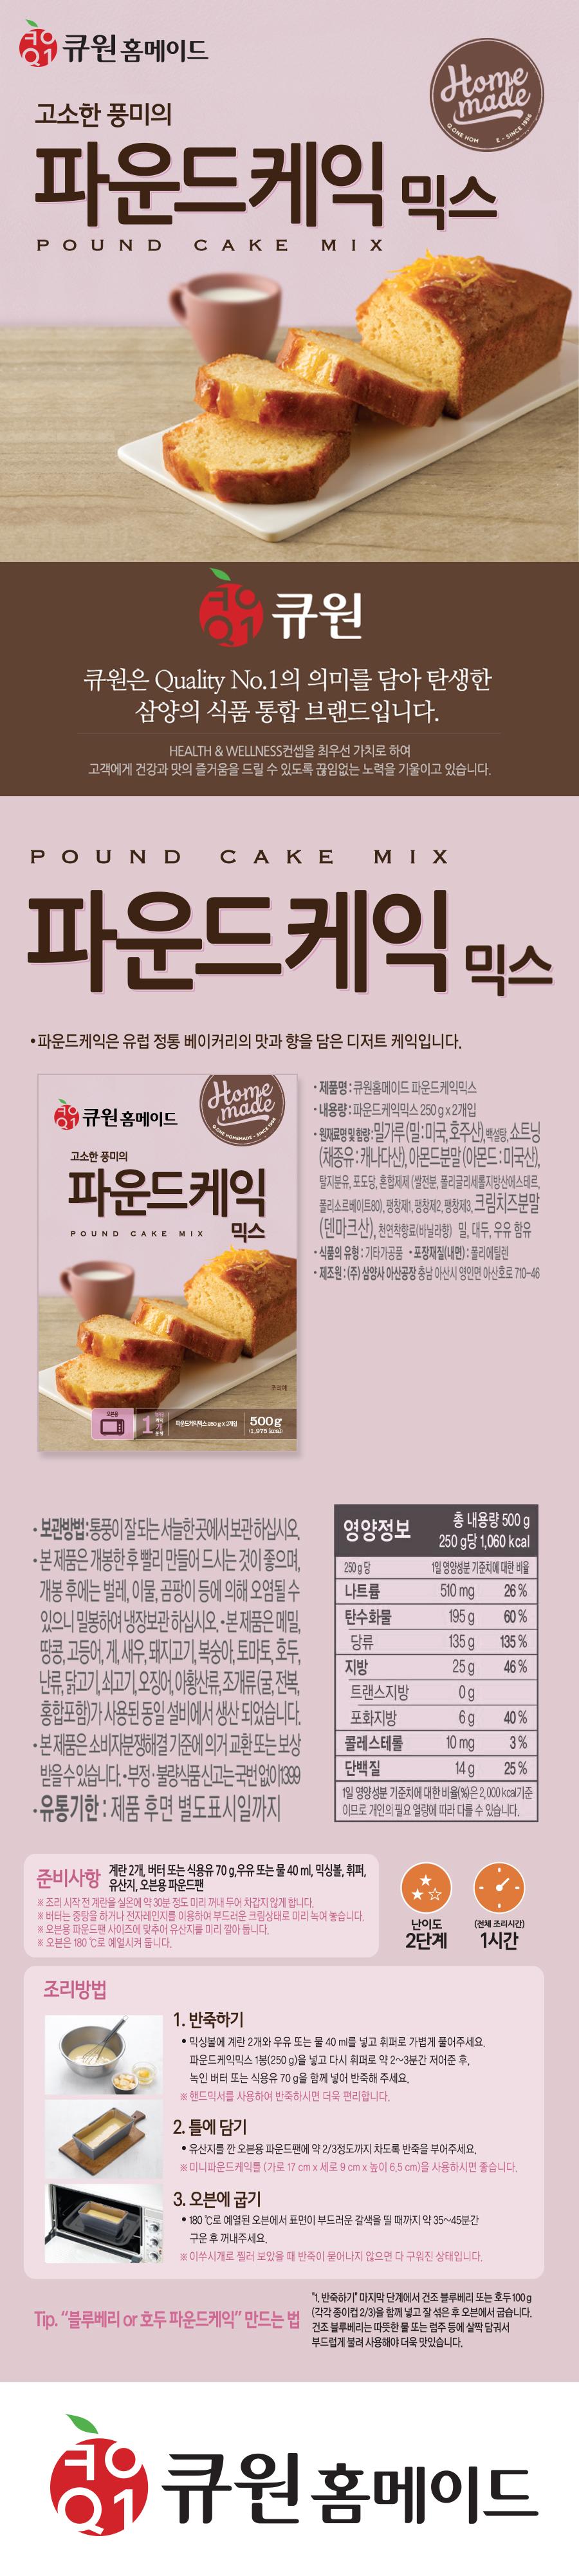 큐원  파운드케익 믹스 500g (오븐용) - 레드비, 4,380원, DIY재료, 믹스